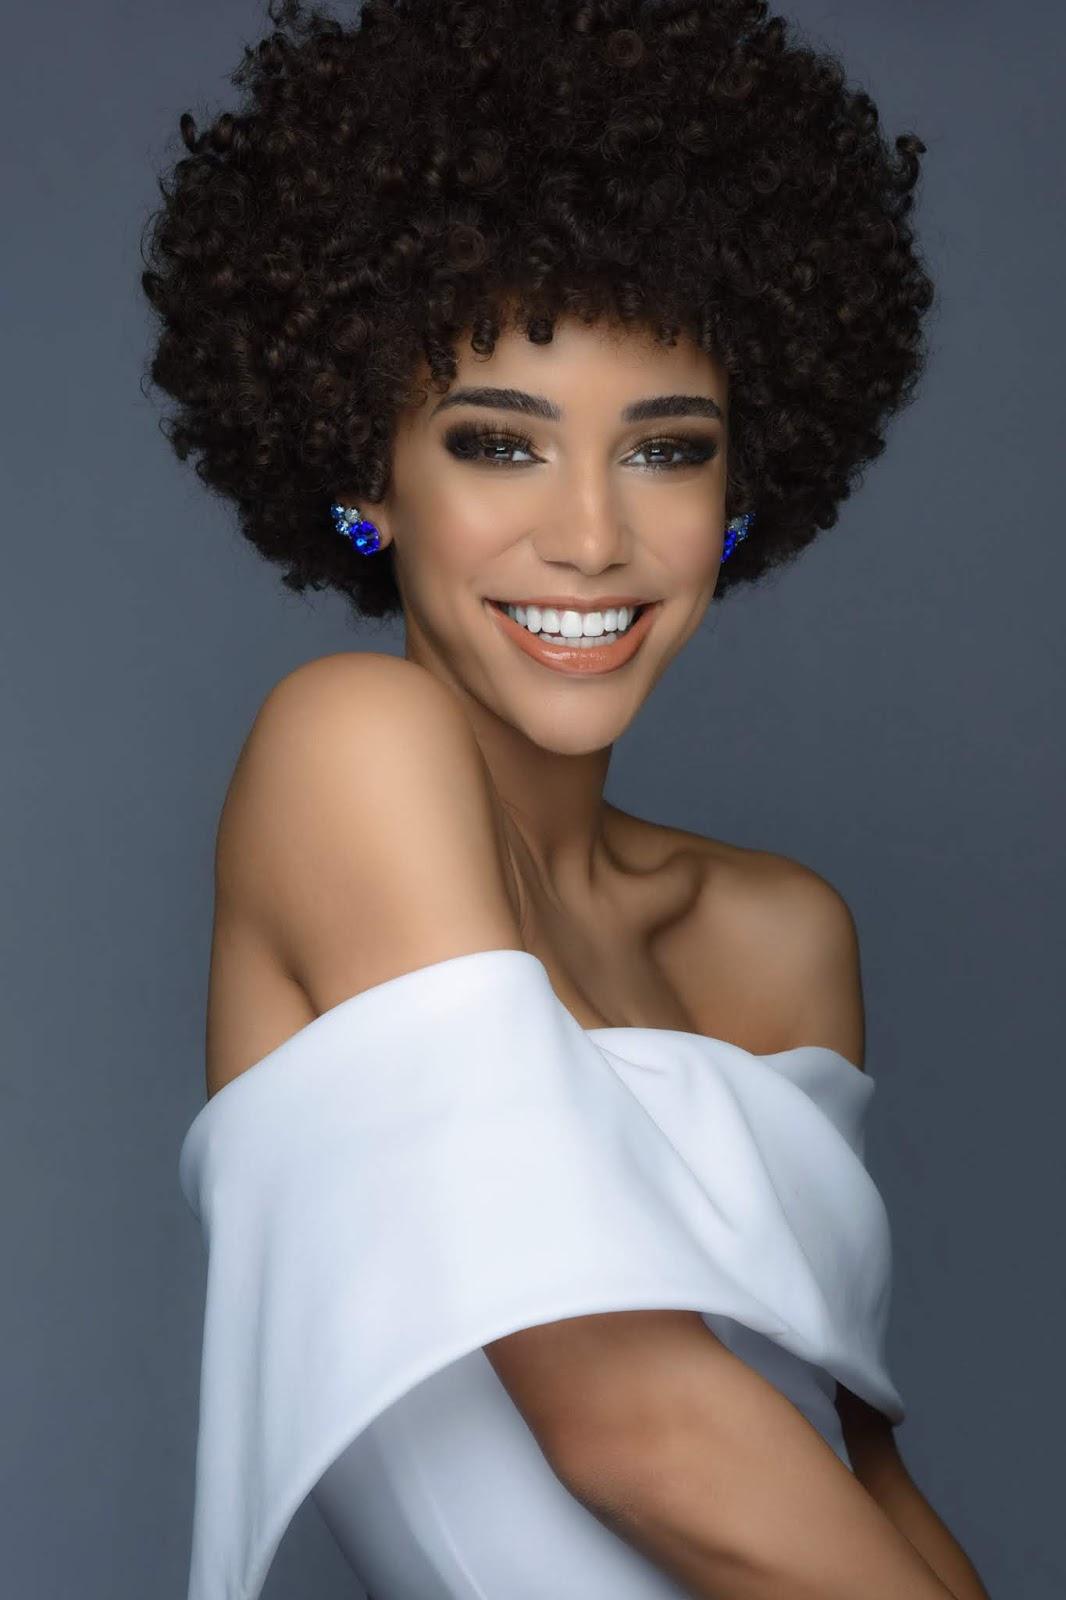 Kaleigh Garris wanita kulit hitam manis seksi bahu mulus